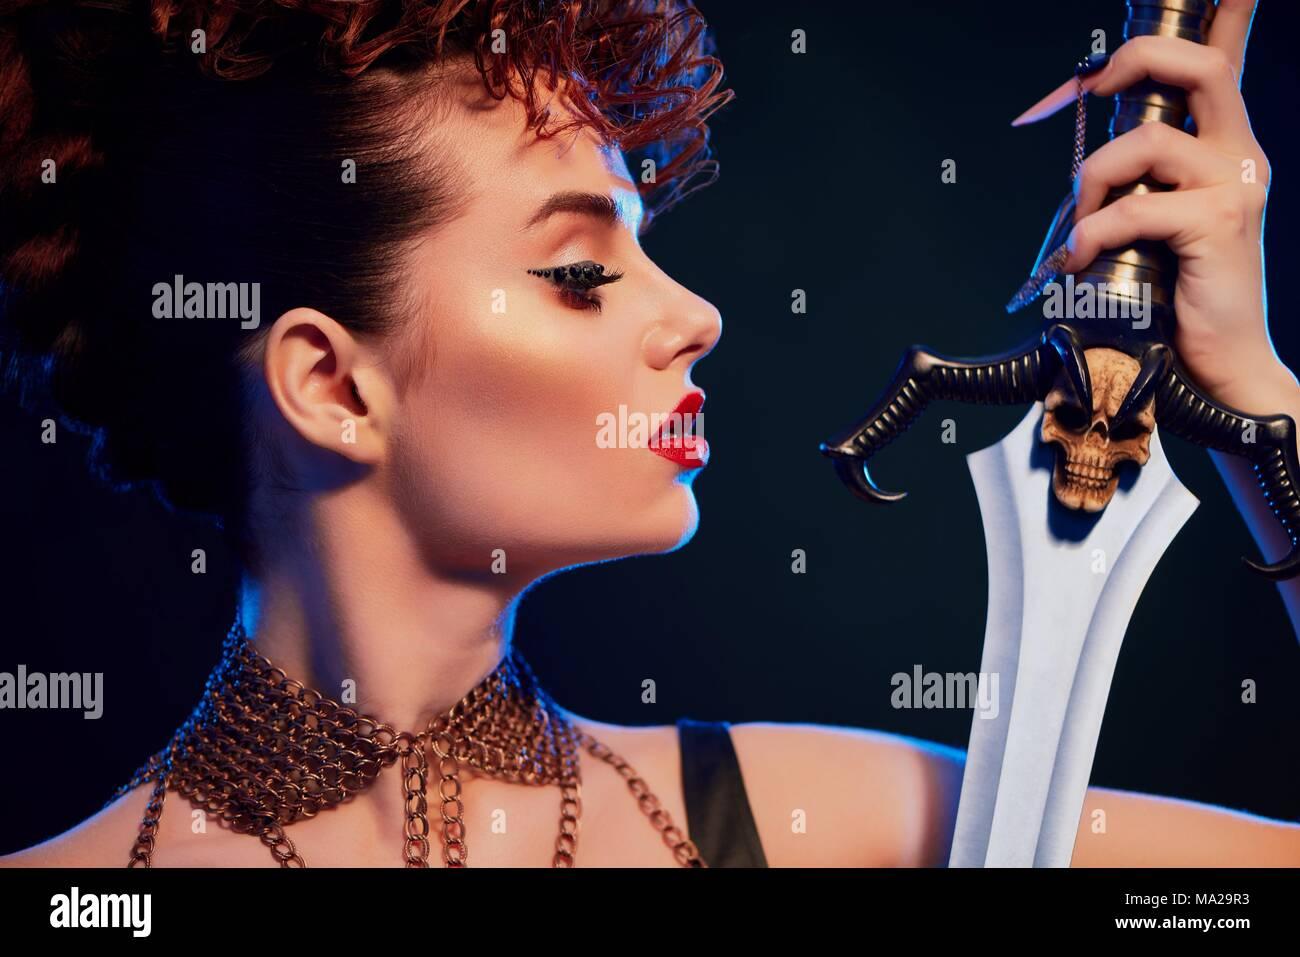 Junge schöne Mädchen mit hellen Erscheinungsbild das Tragen der roten Lippenstift und original Frisur ist auf der Suche nach Stahl Schwert mit schwarzen Schädel. Das Modell trägt schwarz Top mit schmalen Ketten mit kleine Kreuze auf dem Hals. Stockbild